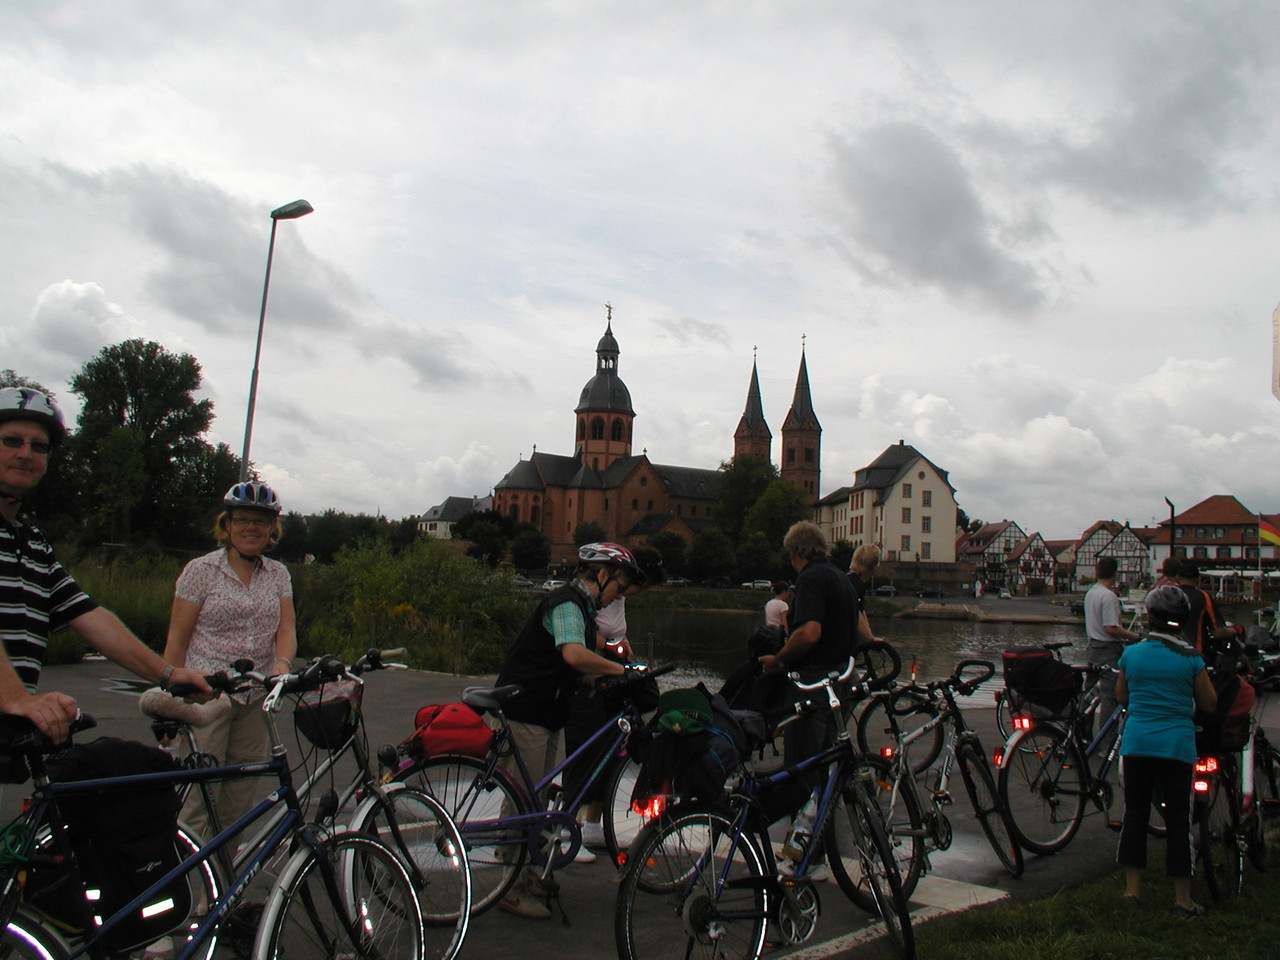 Radtour nach Seligenstadt 13.08.11